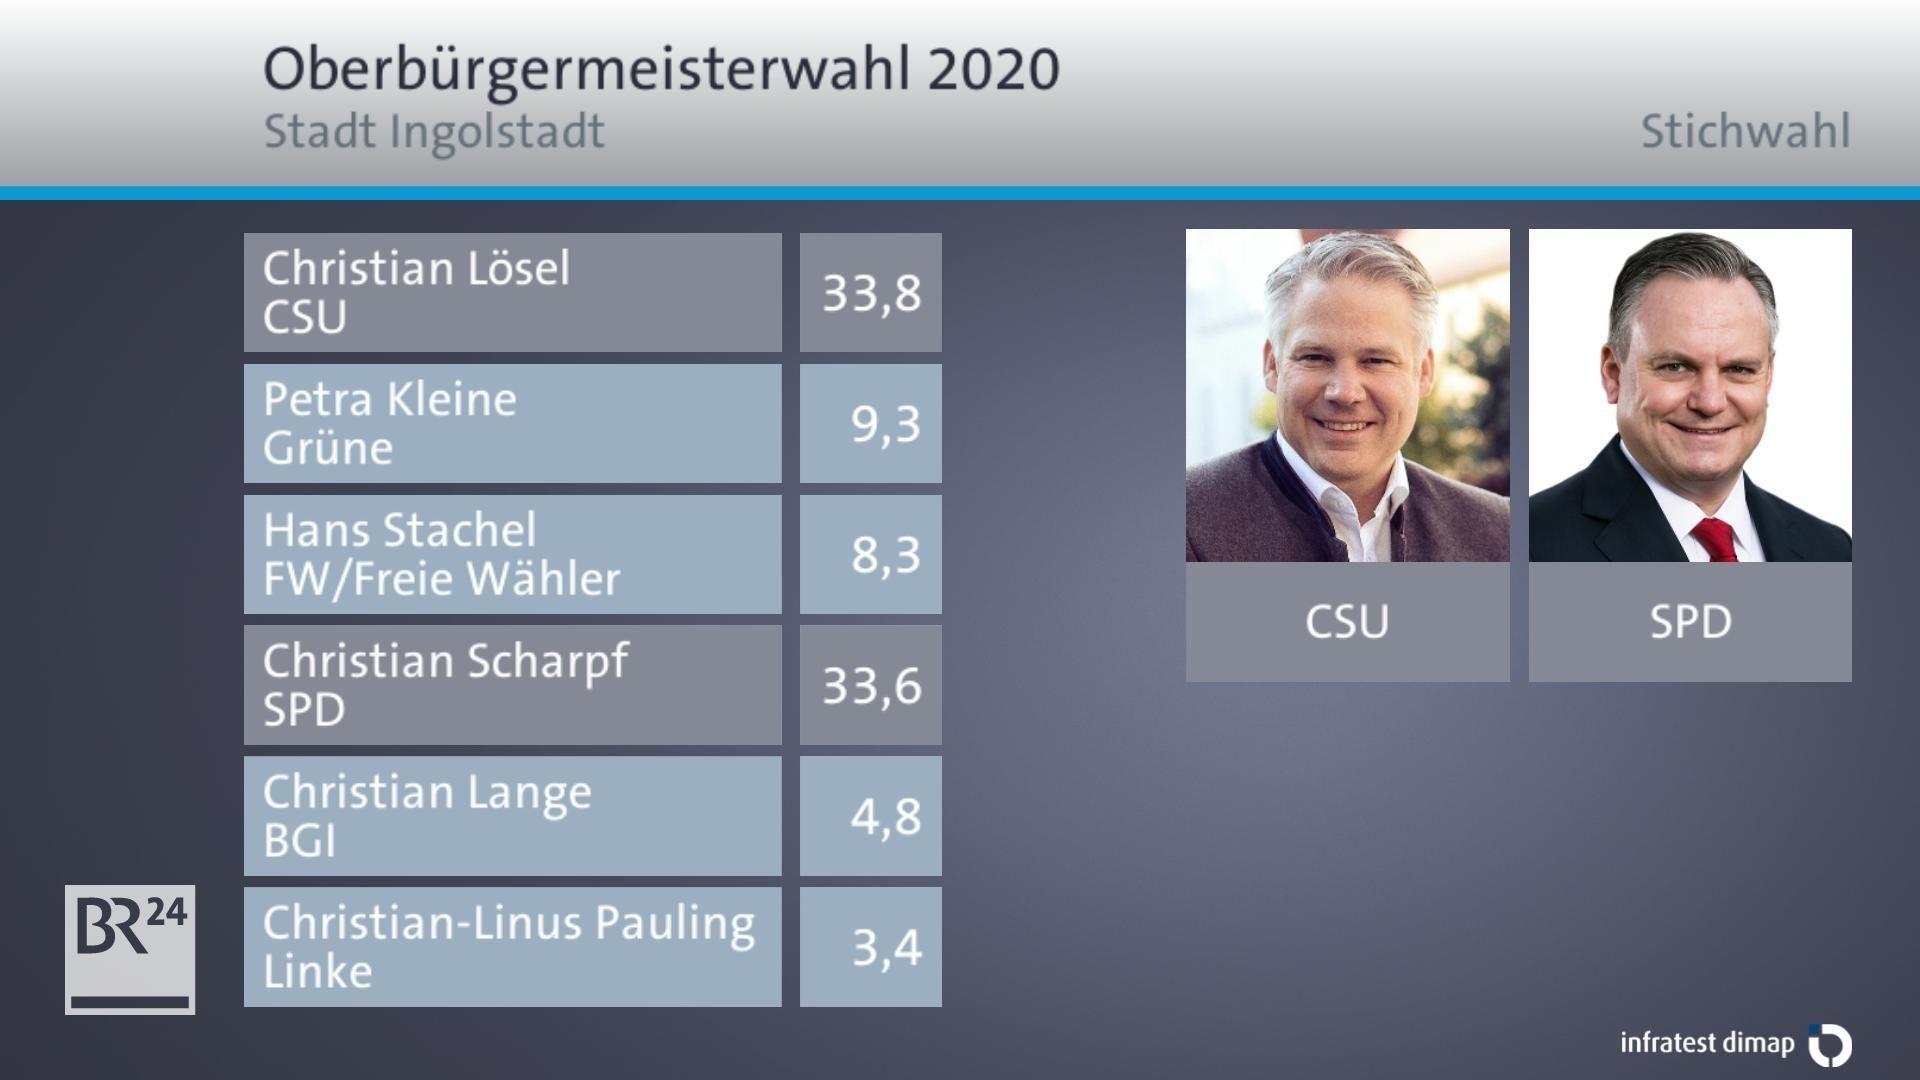 Das vorläufige Endergebnis für Ingolstadt: Amtsinhaber und Herausforderer liegen fast gleichauf.